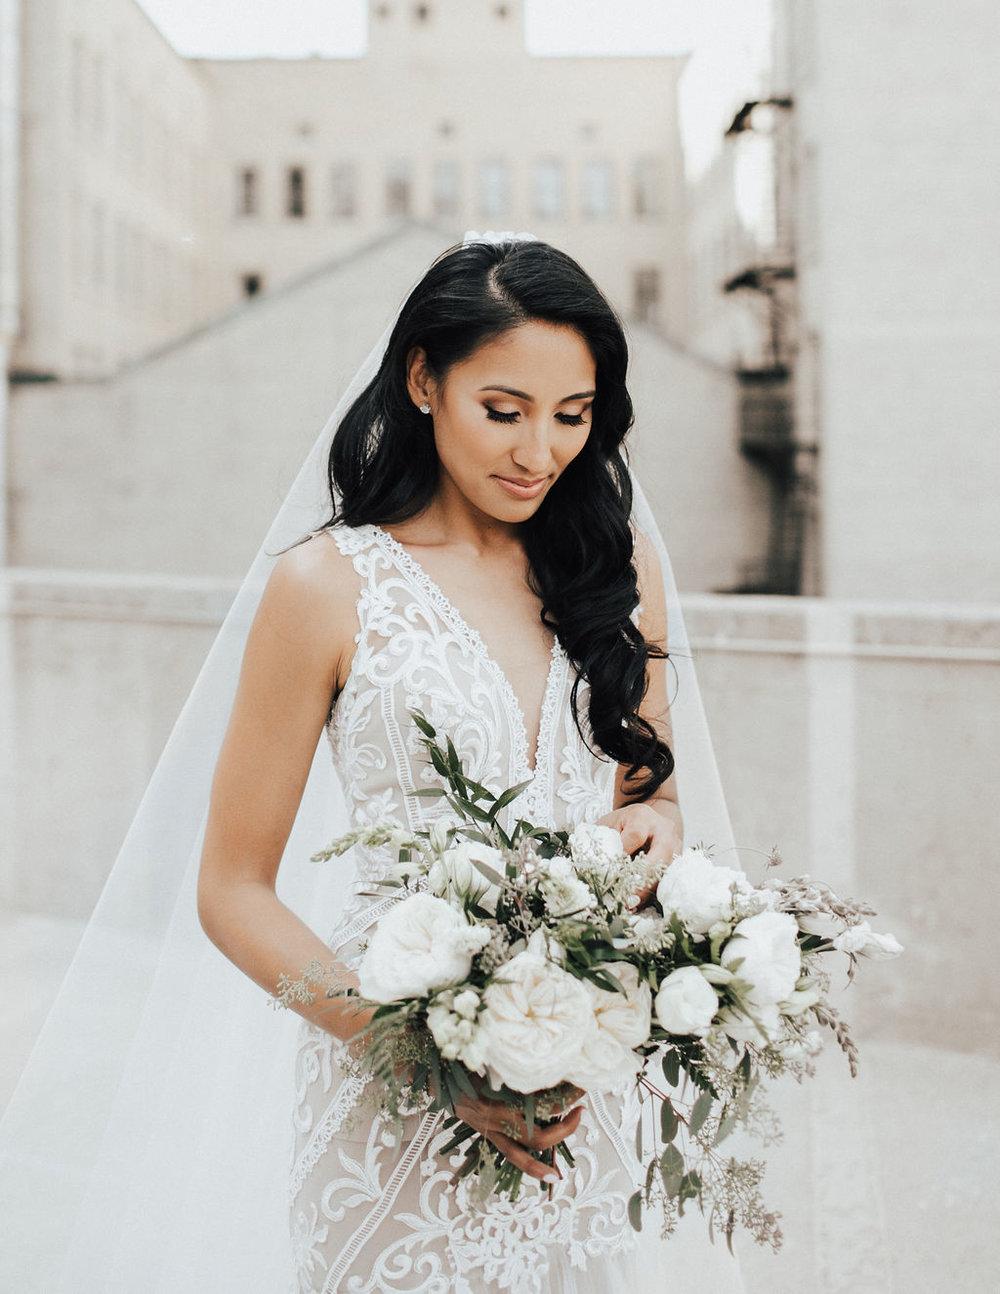 Garden Inspired Wedding Bouquet - White Wedding Flower Ideas